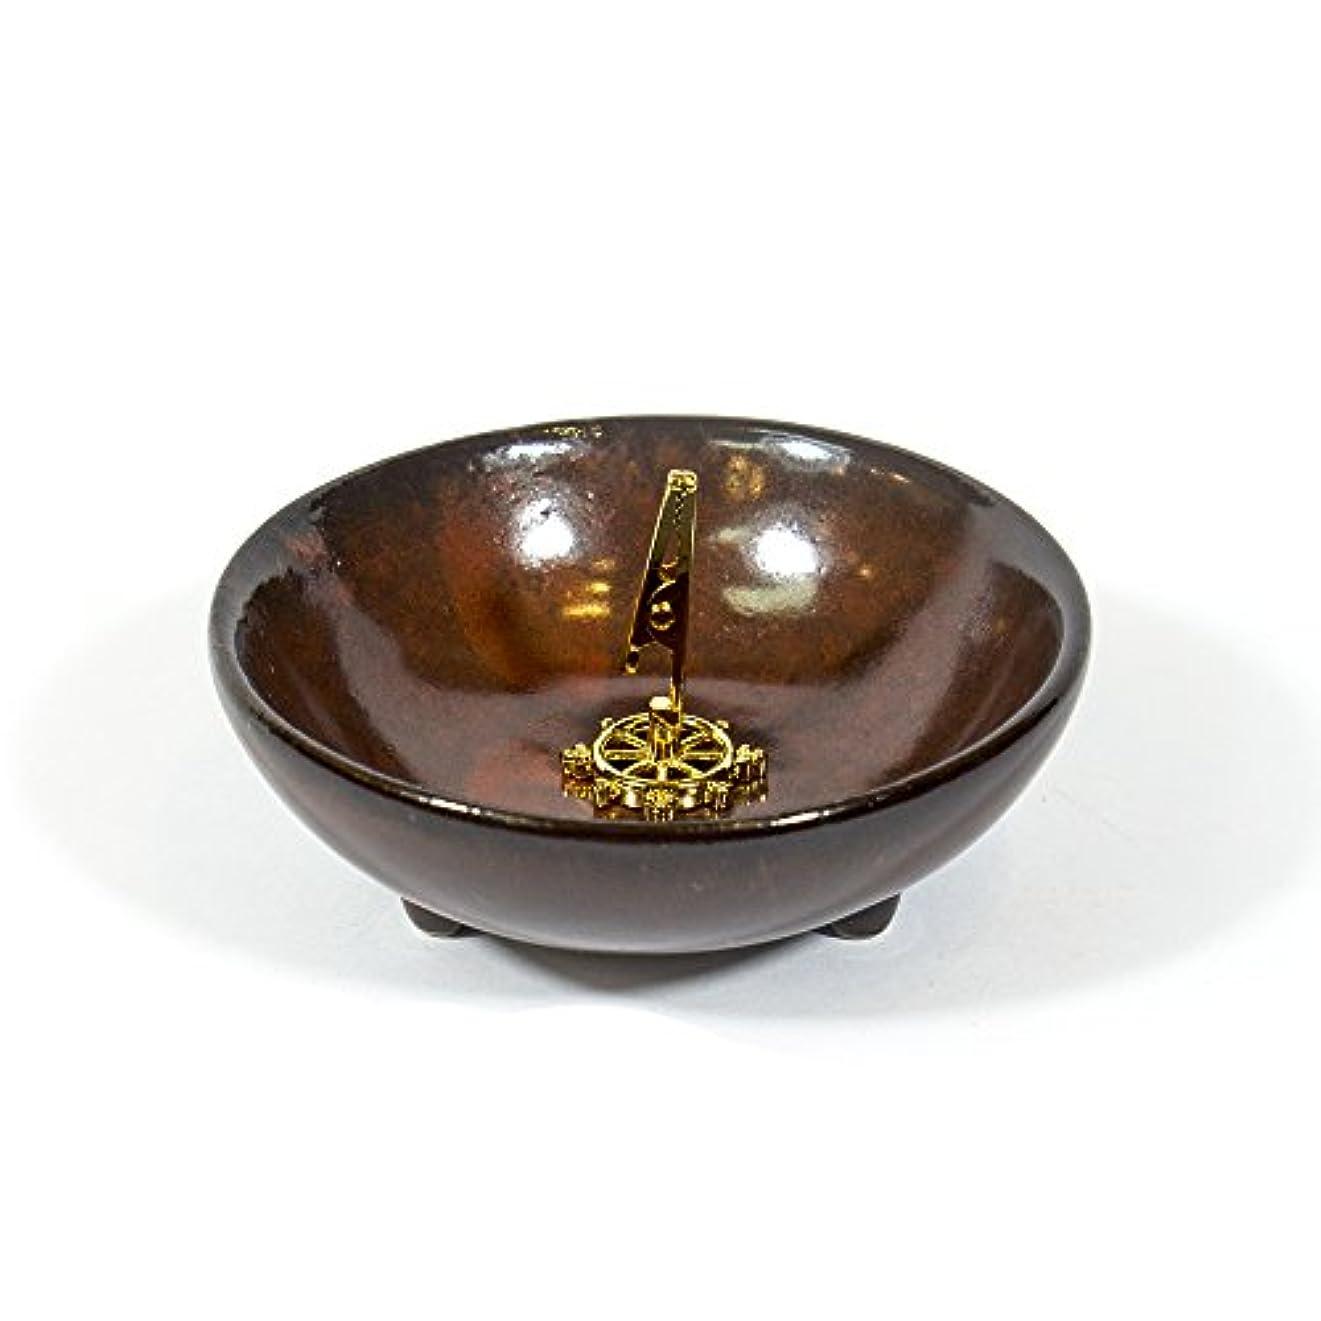 回る蒸留眉(DarkRed) - Incense Holder for Coils Sticks Cones Ceramic Holder Dark Red Type